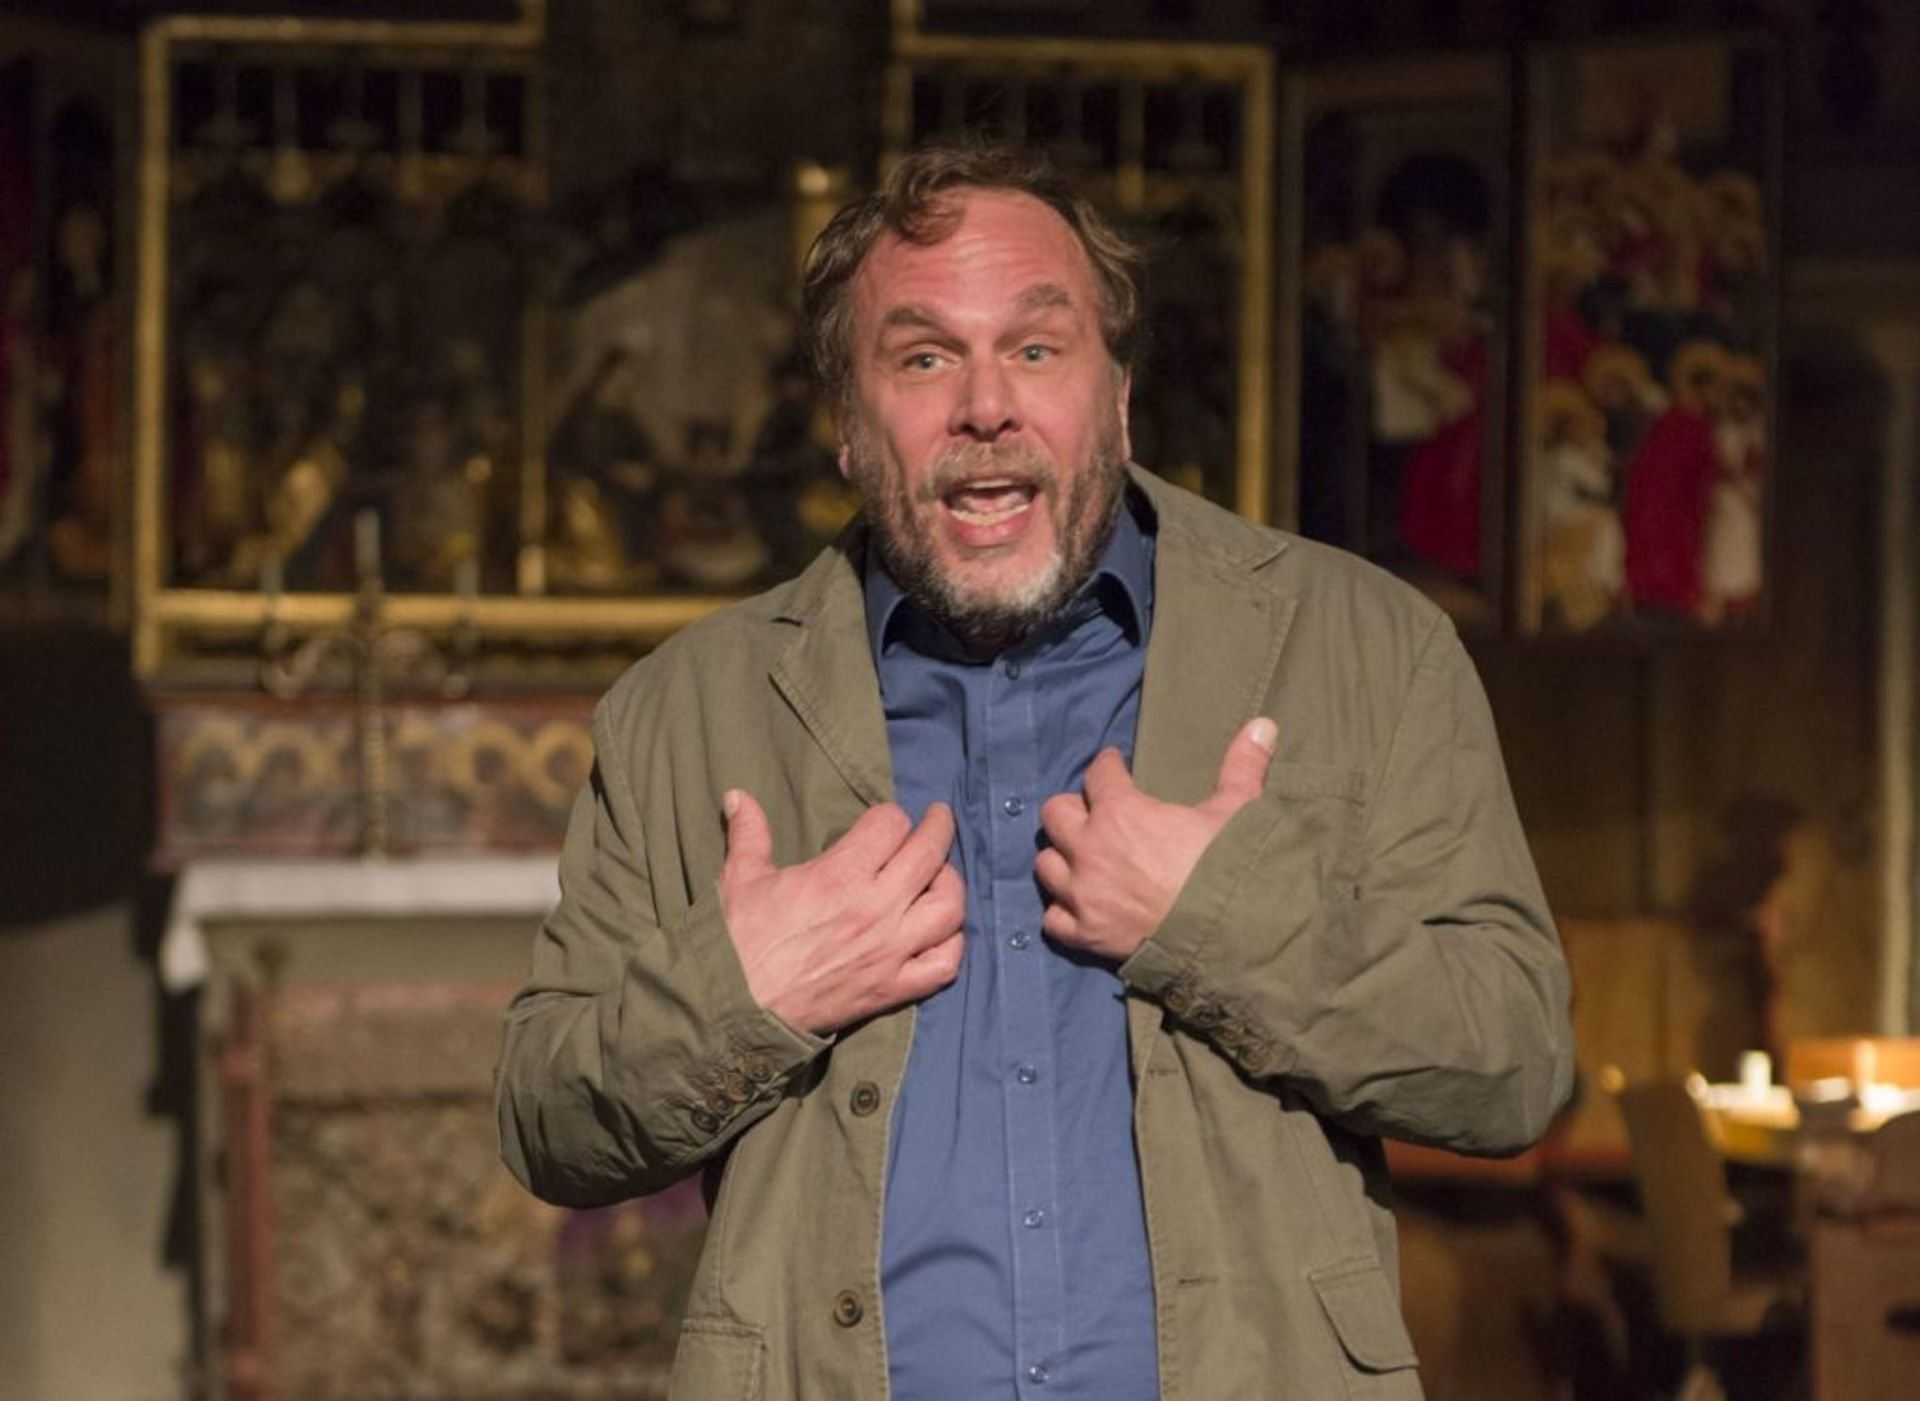 Judas-rechtfertigt-sich-in-der-Uetzer-Kirche_master_reference